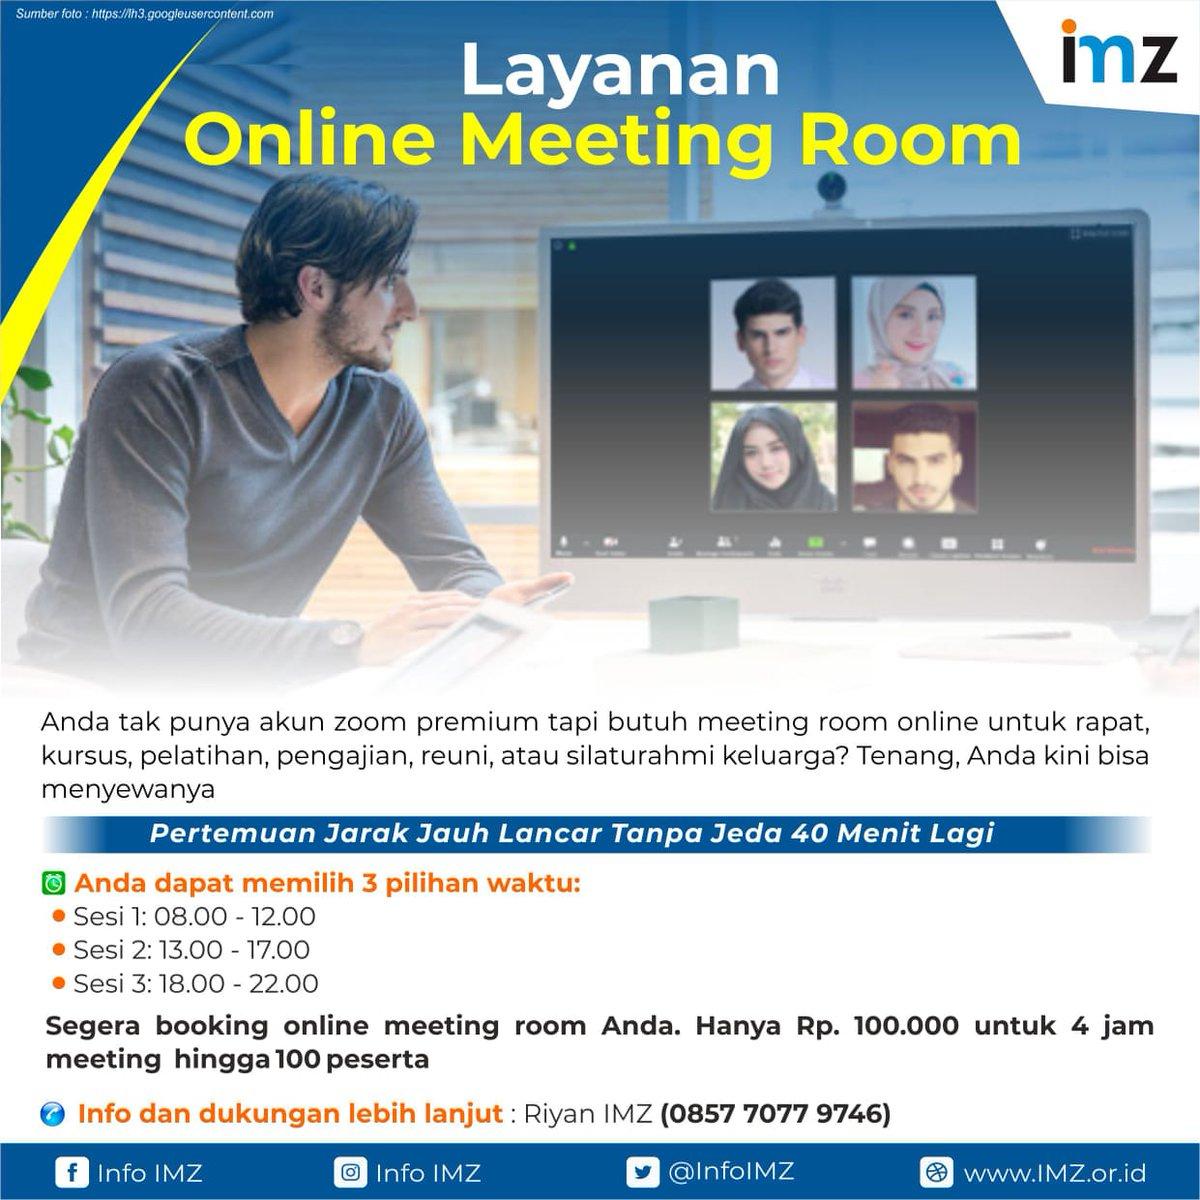 Layanan Penyewaan Online Meeting Room IMZ | Anda dapat memilih 3 pilihan waktu: Sesi 1,2 dan 3  *Info dan Support* Riyan IMZ https://t.co/fd474iEGap #onlinemeeting #videoconference #zoom https://t.co/Hjiix1wq7c